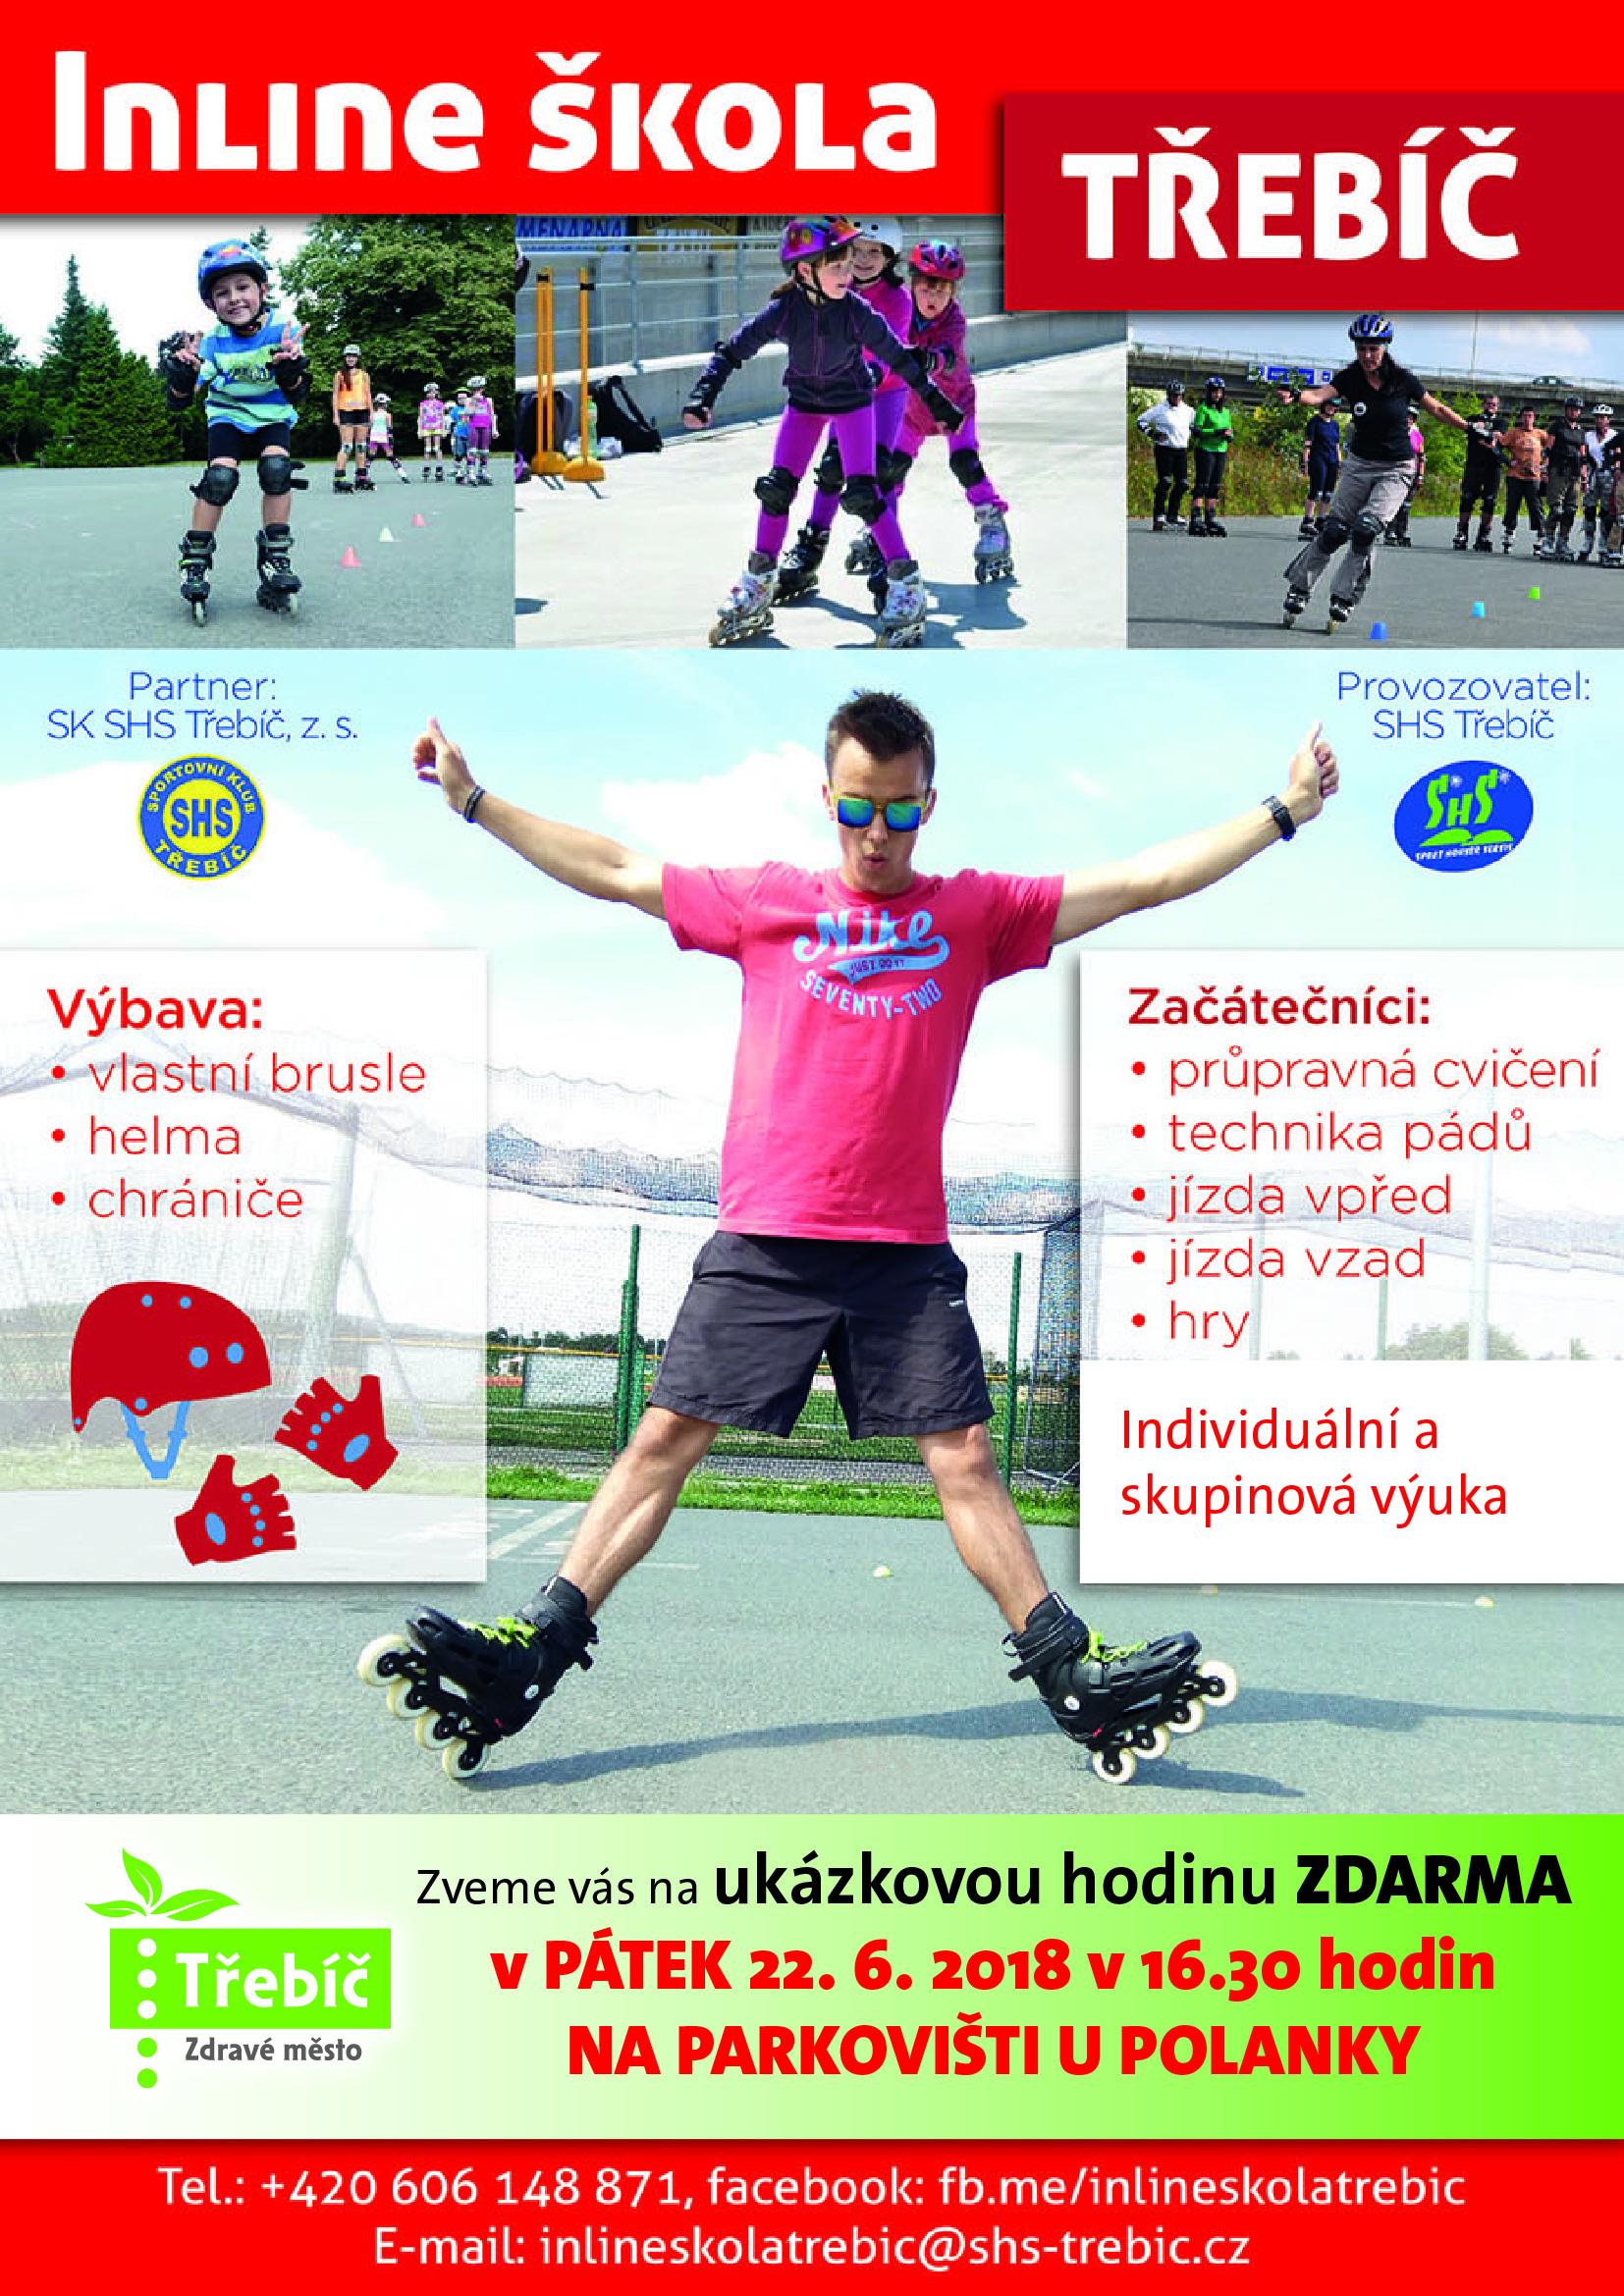 Inline škola - ukázková hodina @ parkoviště u Polanky | Třebíč | Kraj Vysočina | Česko